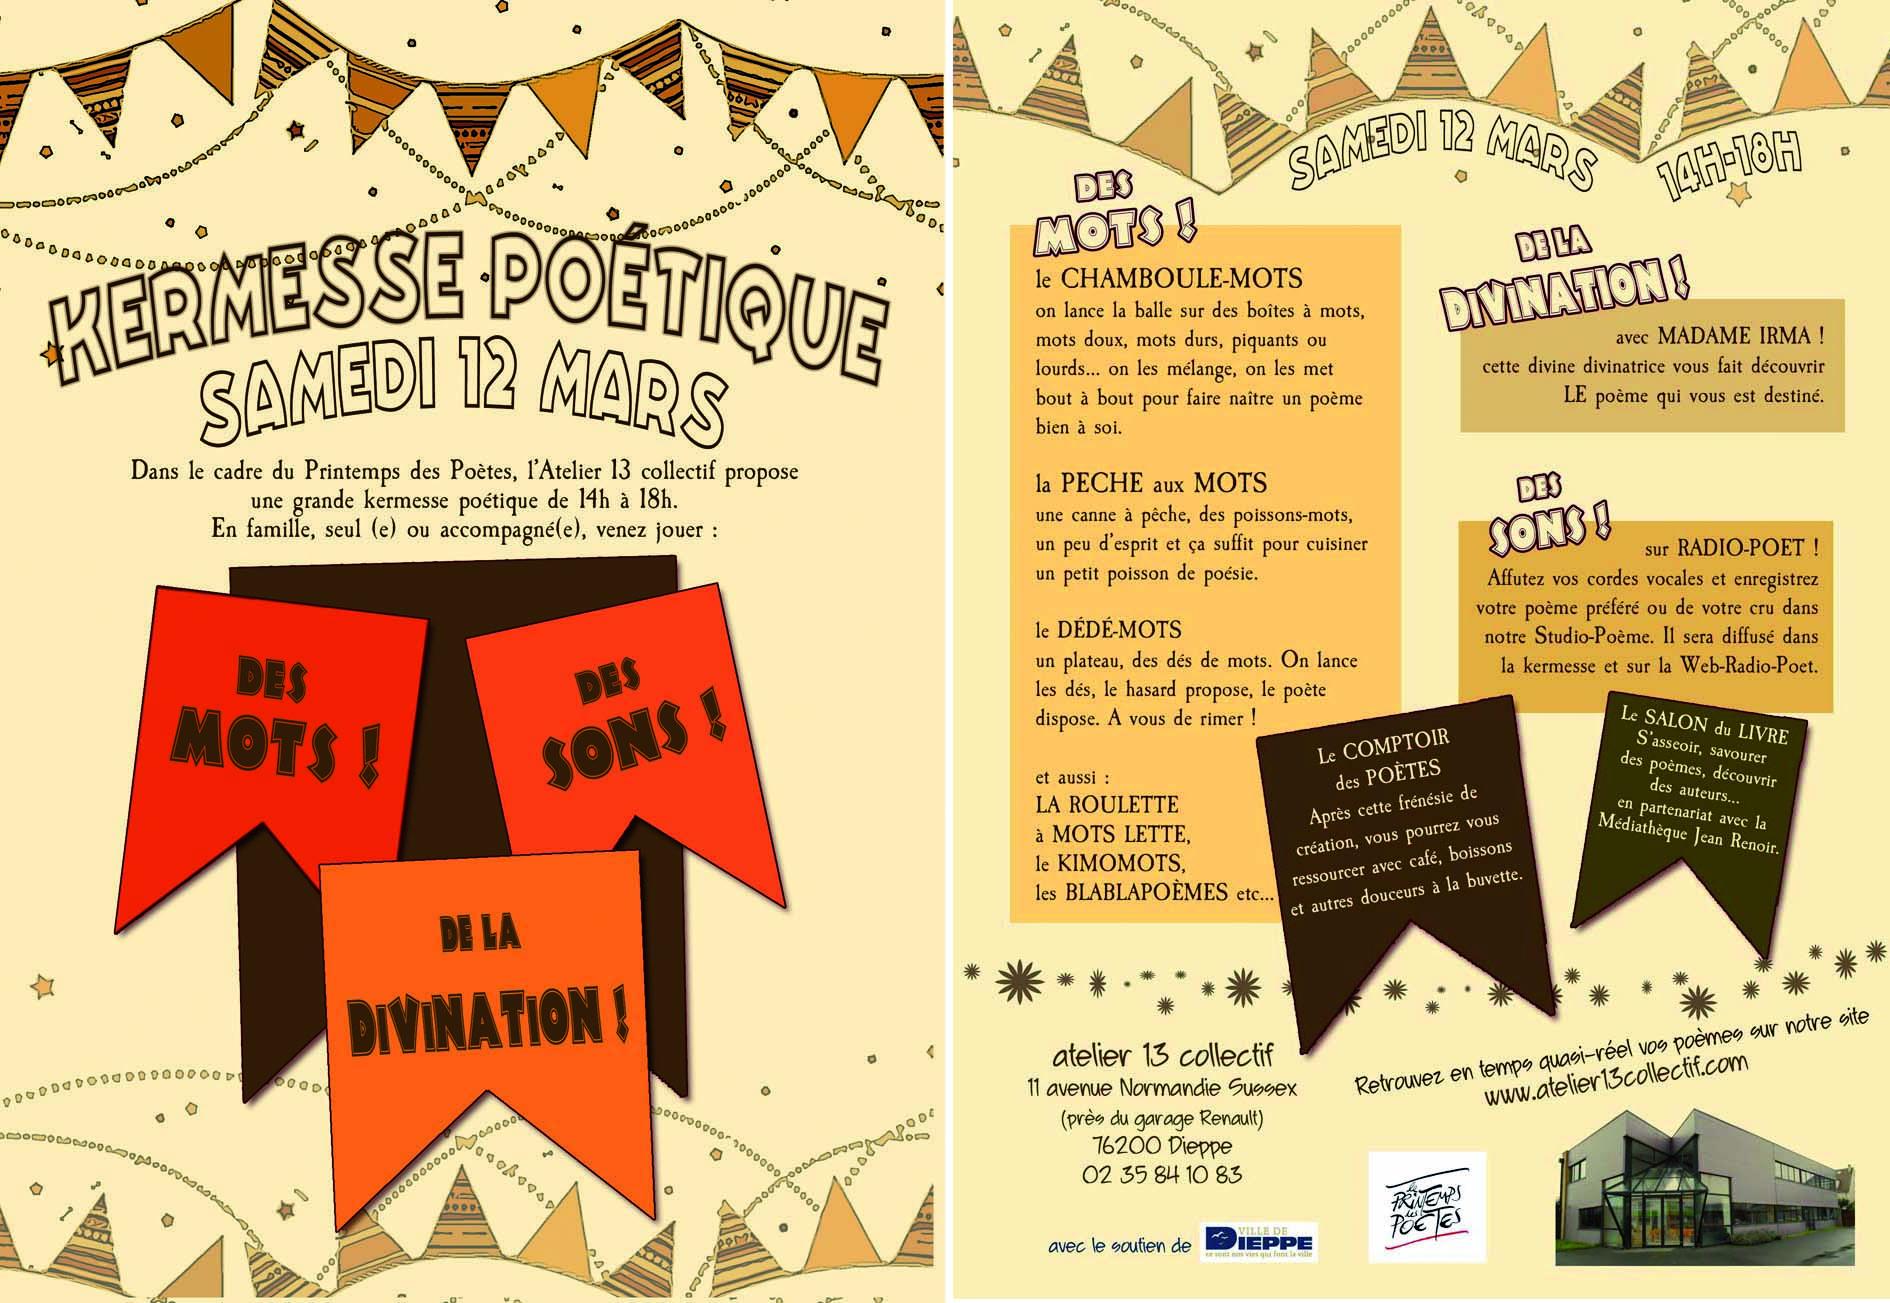 Printemps des poetes flyer